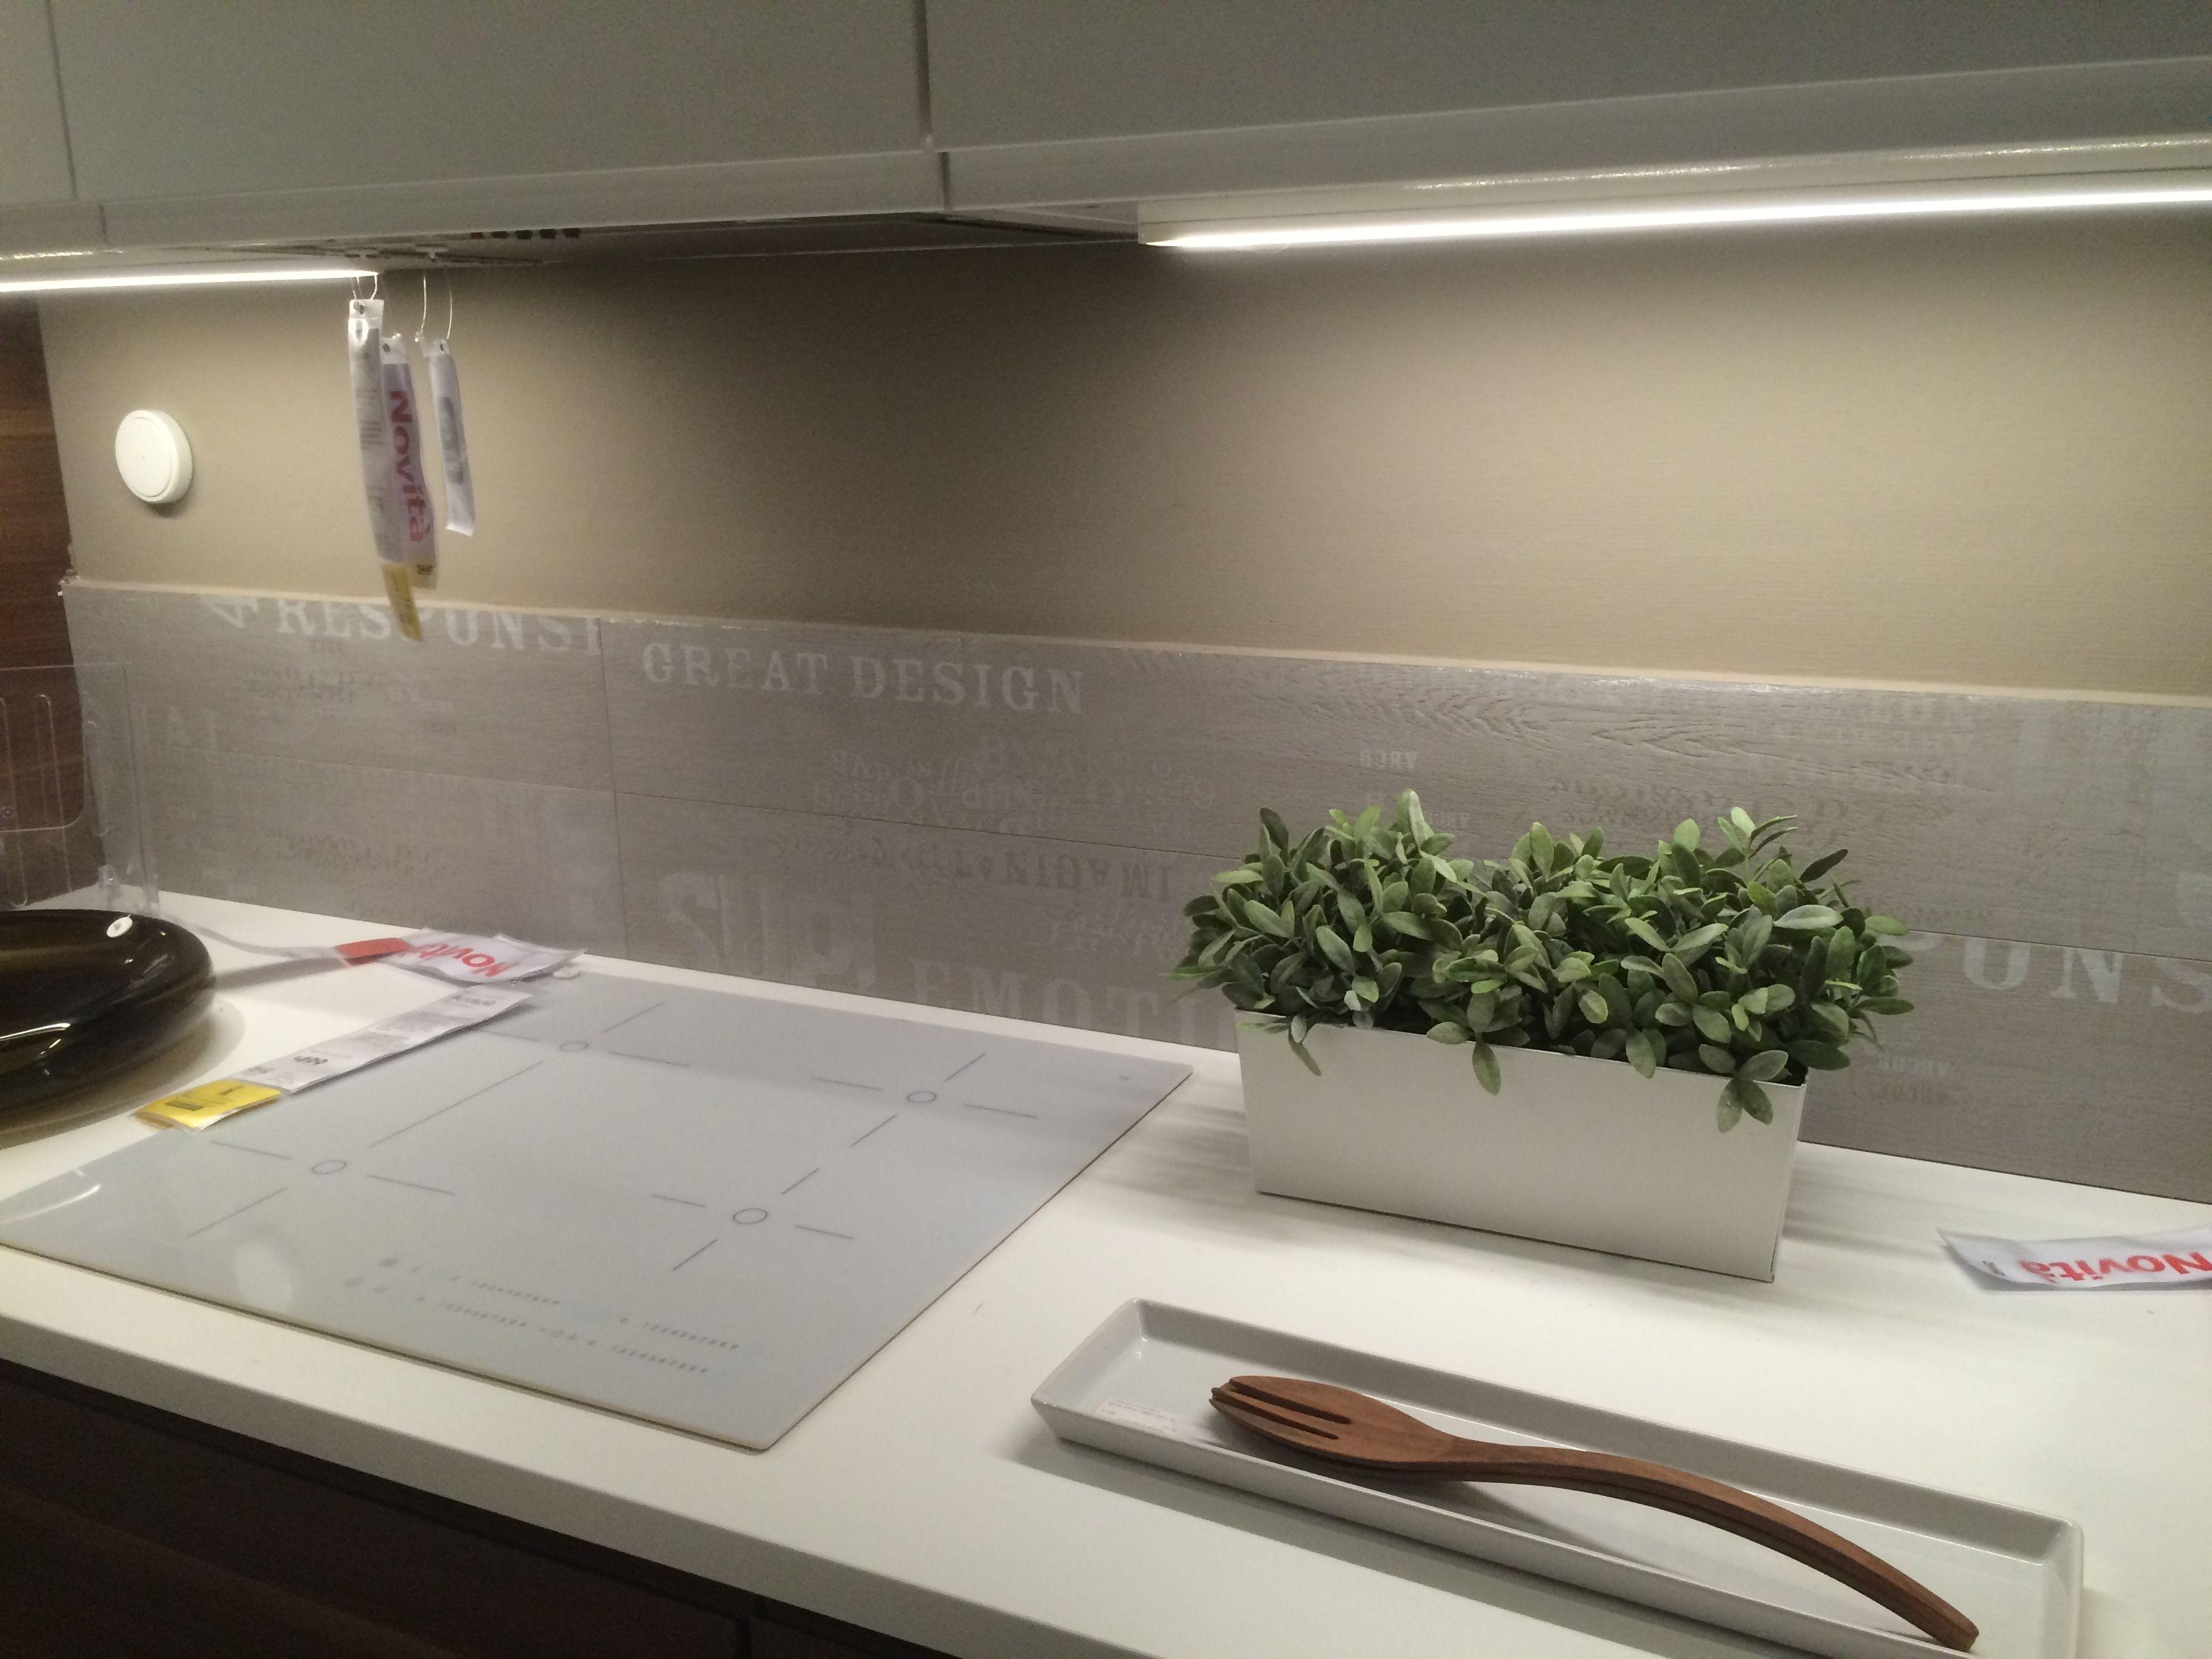 Top Cucina Ikea Prezzi paraschizzi cucina visto da ikea | paraschizzi, paraschizzi